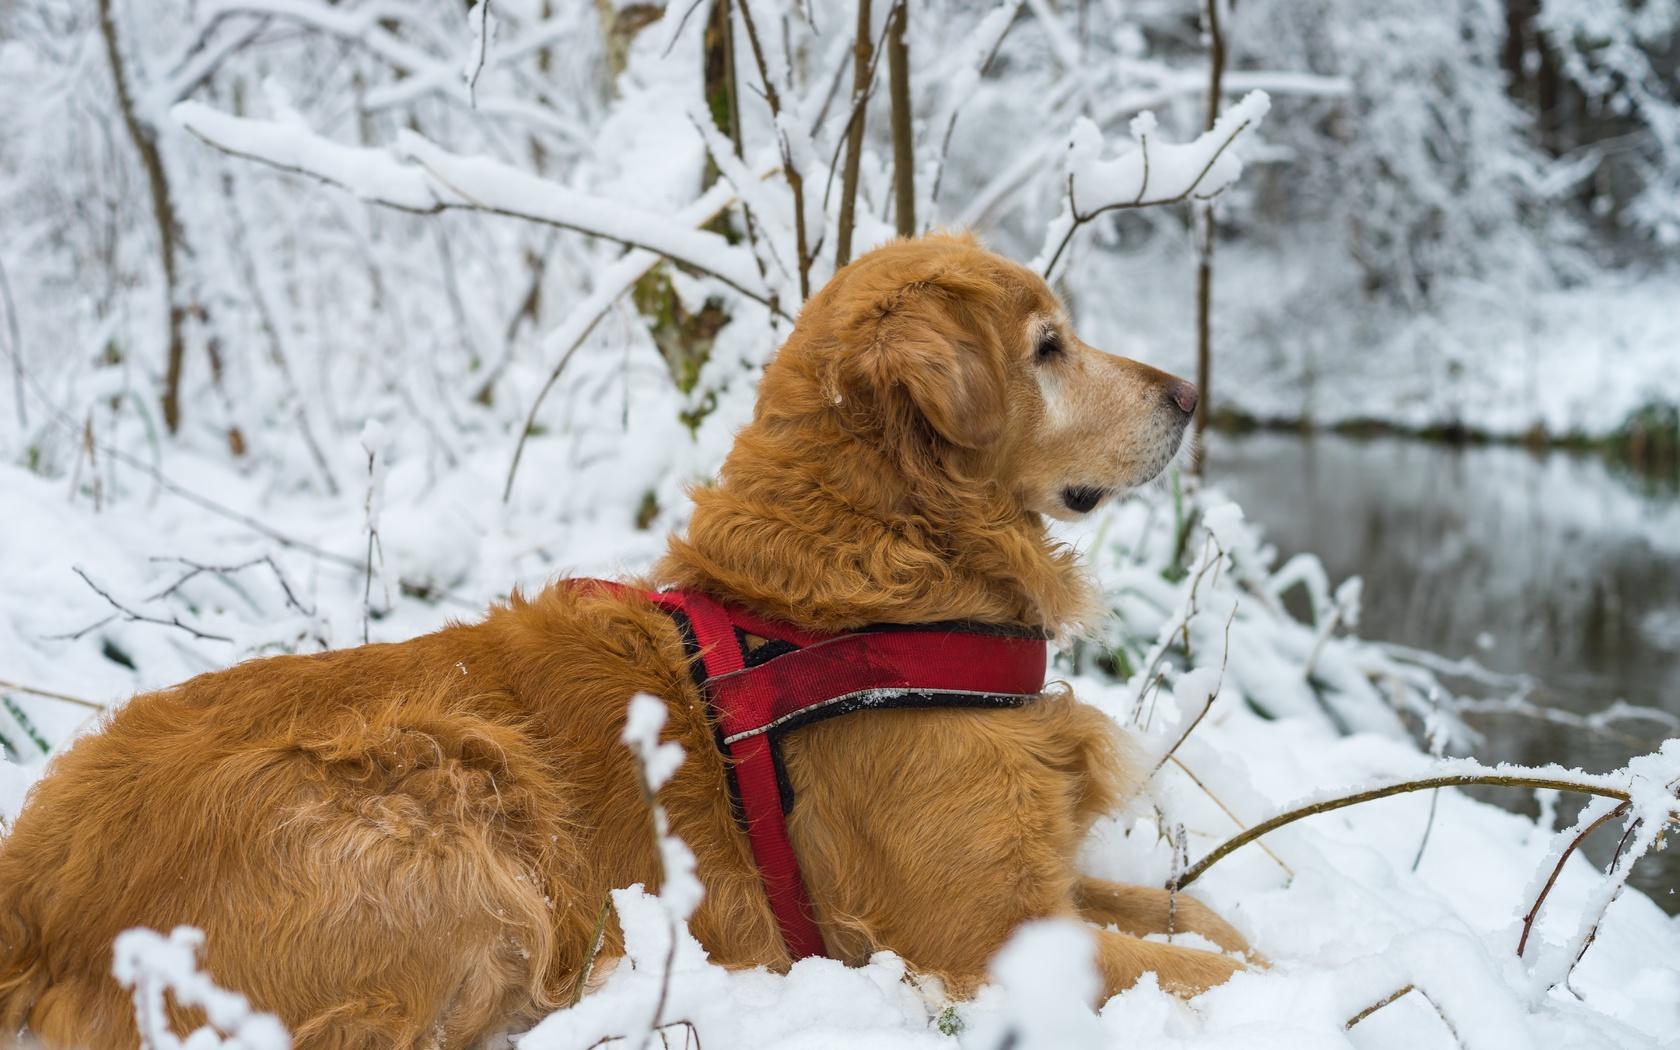 животное, собака, пёс, профиль, природа, зима, снег, ветки